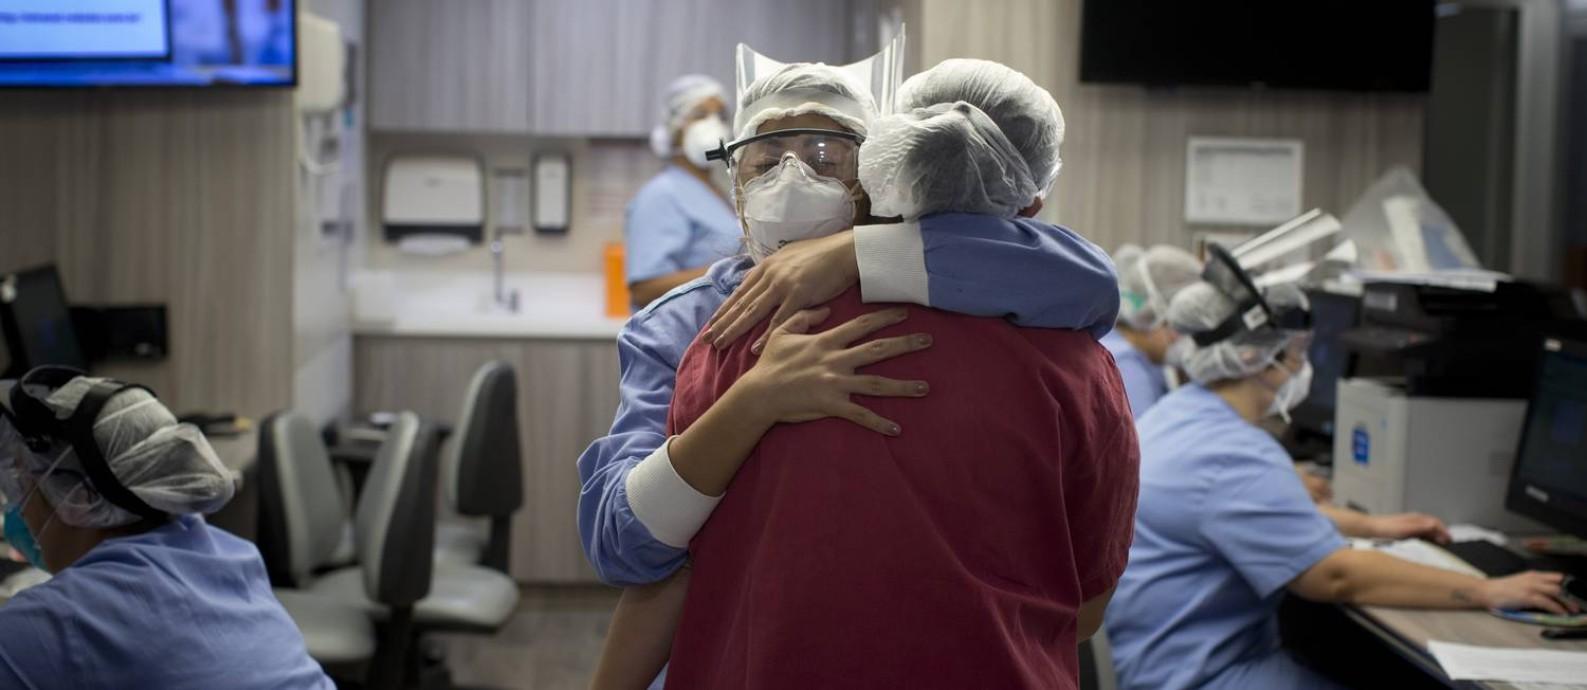 O abraço de uma enfermeira e uma técnica, que reconheciam o cansaço uma da outra e trocavam impressões sobre os riscos e a evolução da doença nas ruas. Foto: Márcia Foletto / Agência O Globo